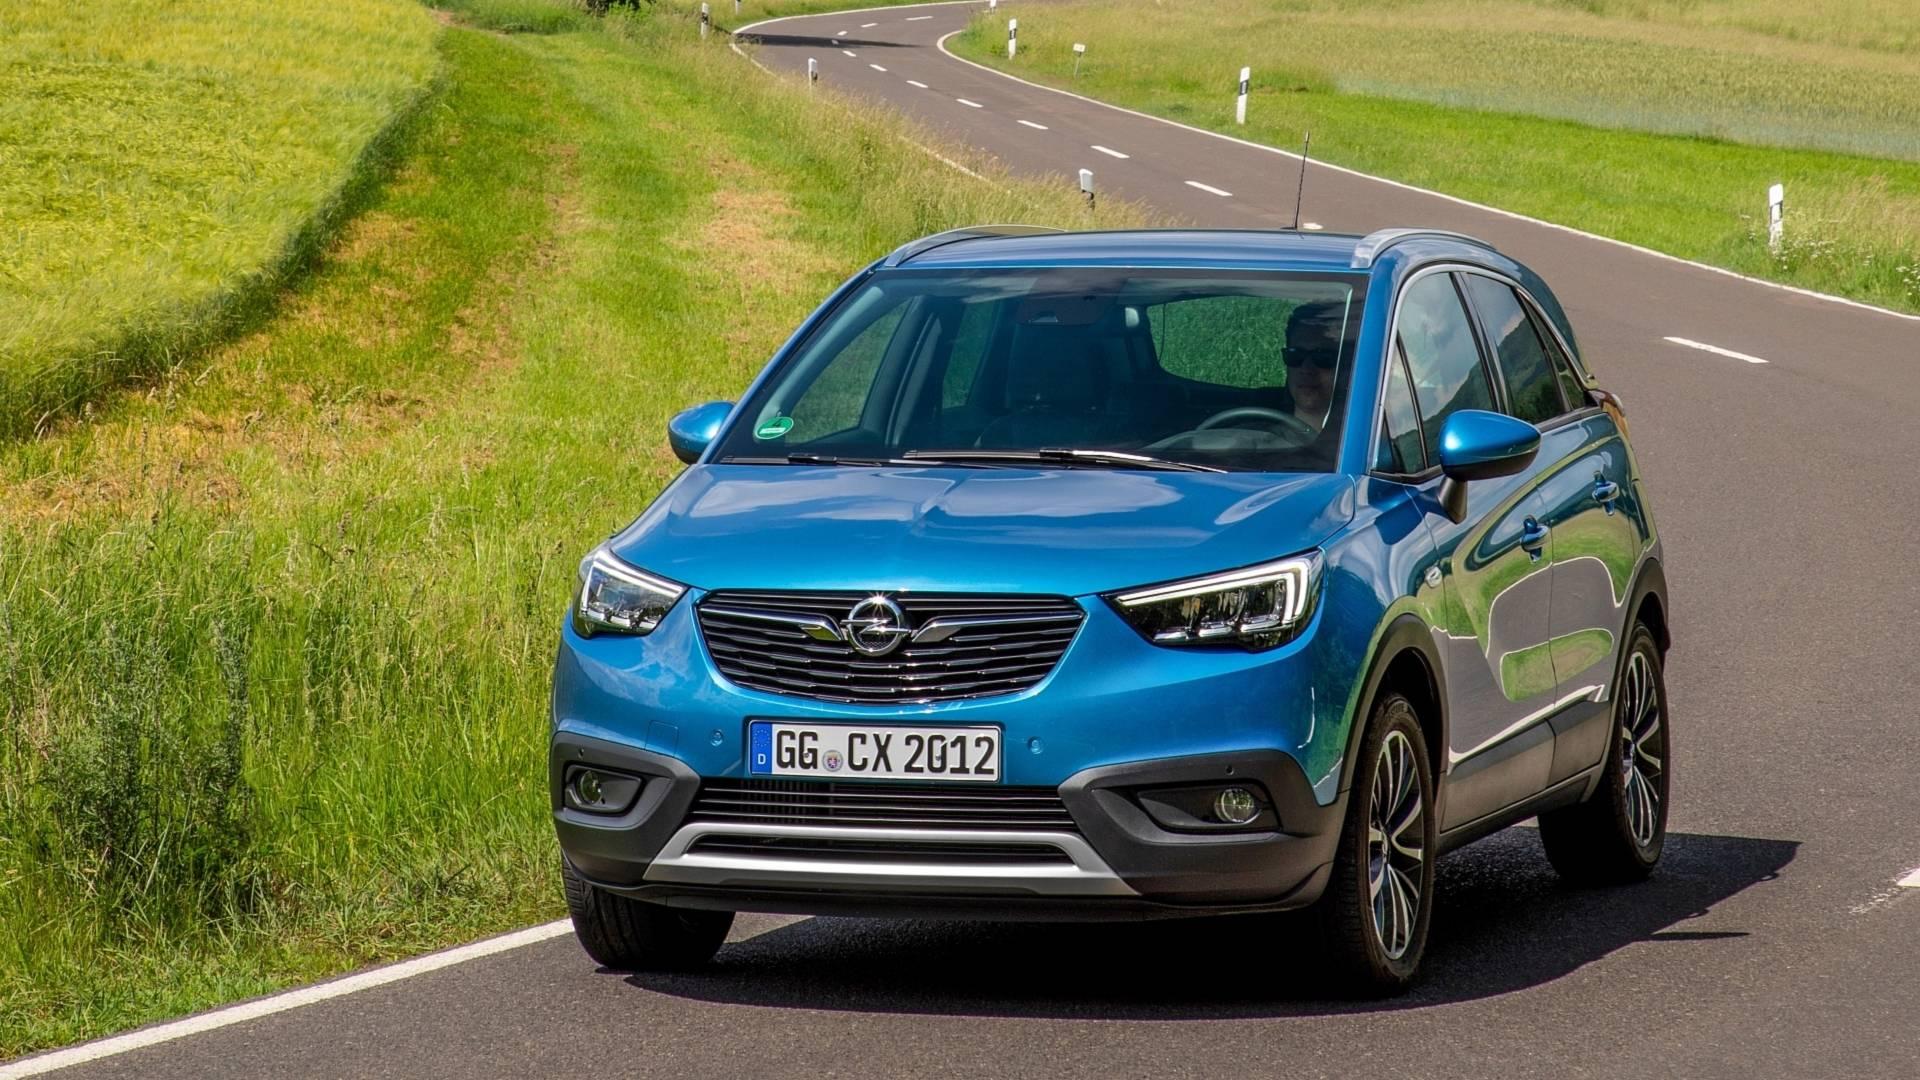 Кроссовер Opel Crossland X получит новую коробку передач 1